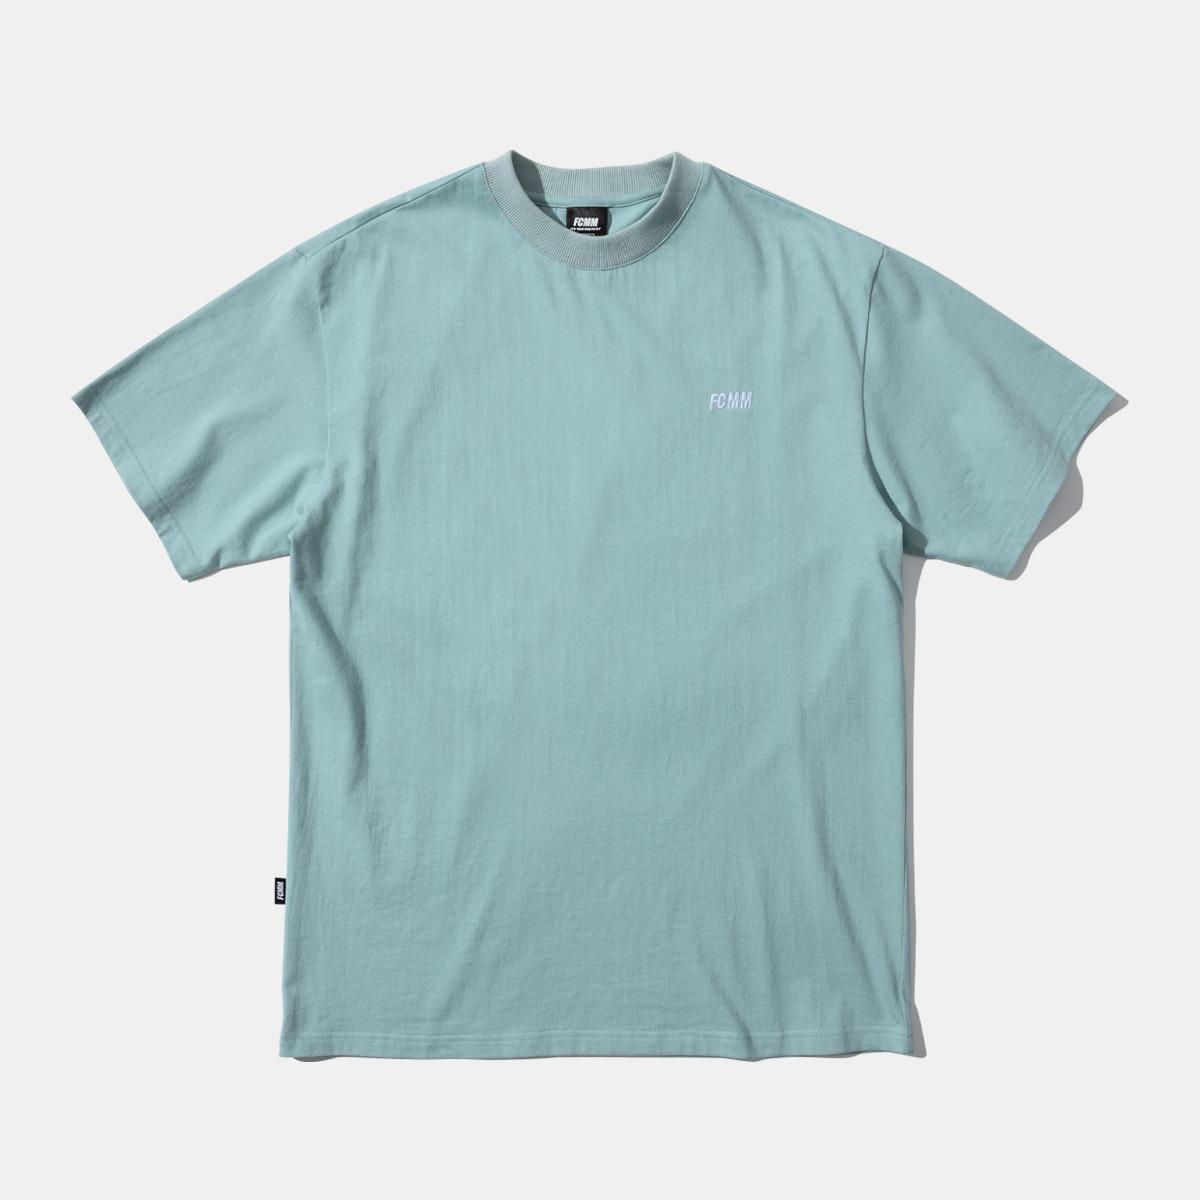 클럽 팀 프레쉬 코튼 티셔츠 - 제이드 민트(04월 13일 순차발송)